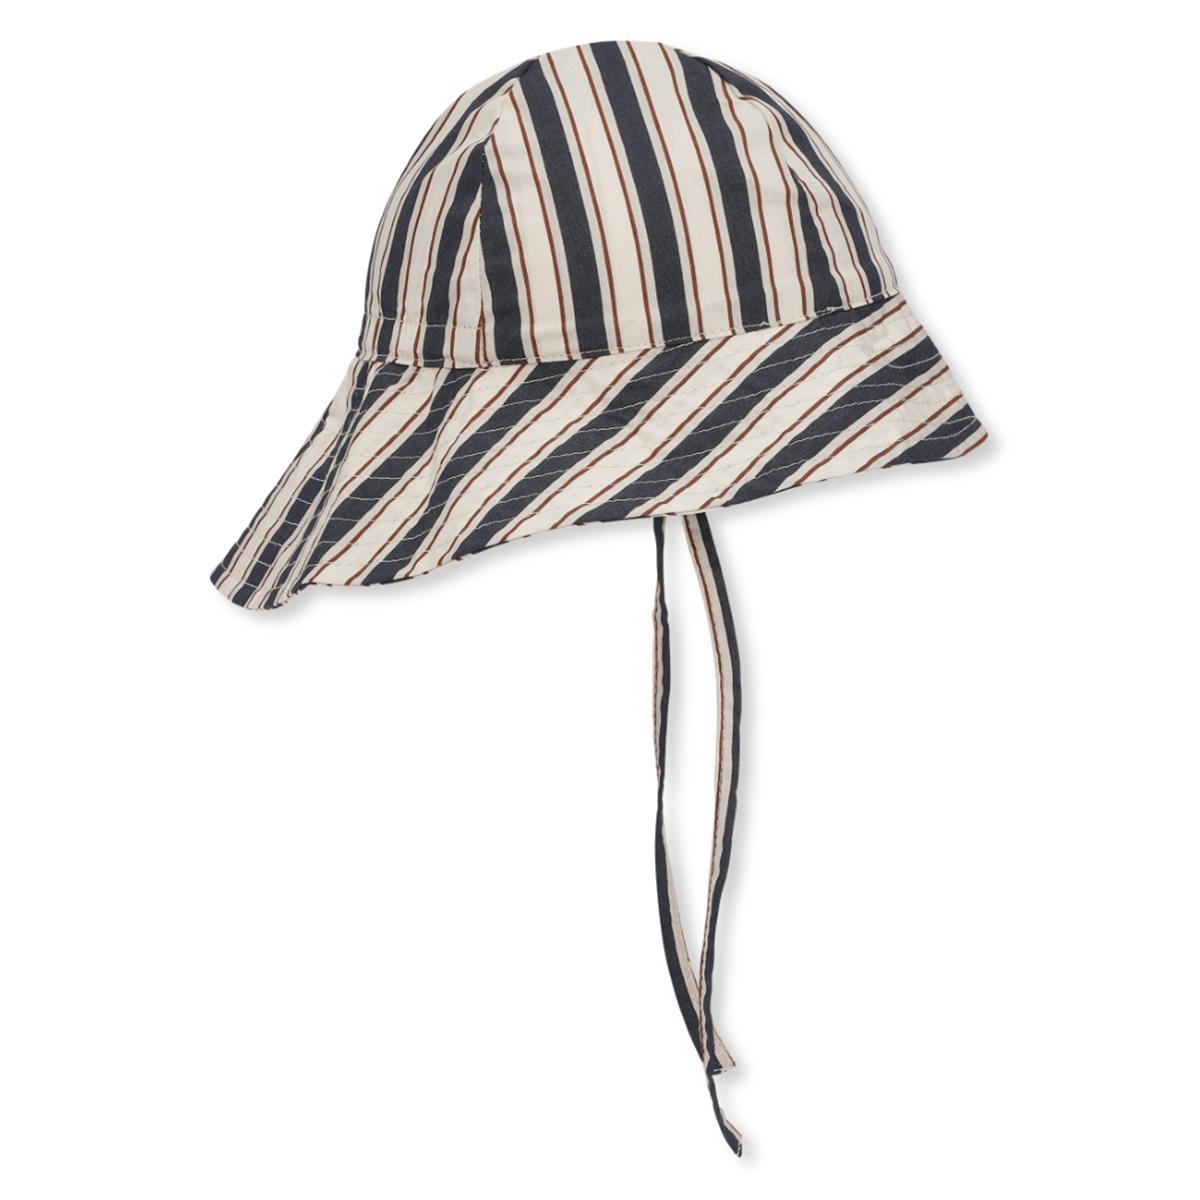 Accessoires bébé Chapeau Verbena Navy Stripes - 6/9 Mois Chapeau Verbena Navy Stripes - 6/9 Mois